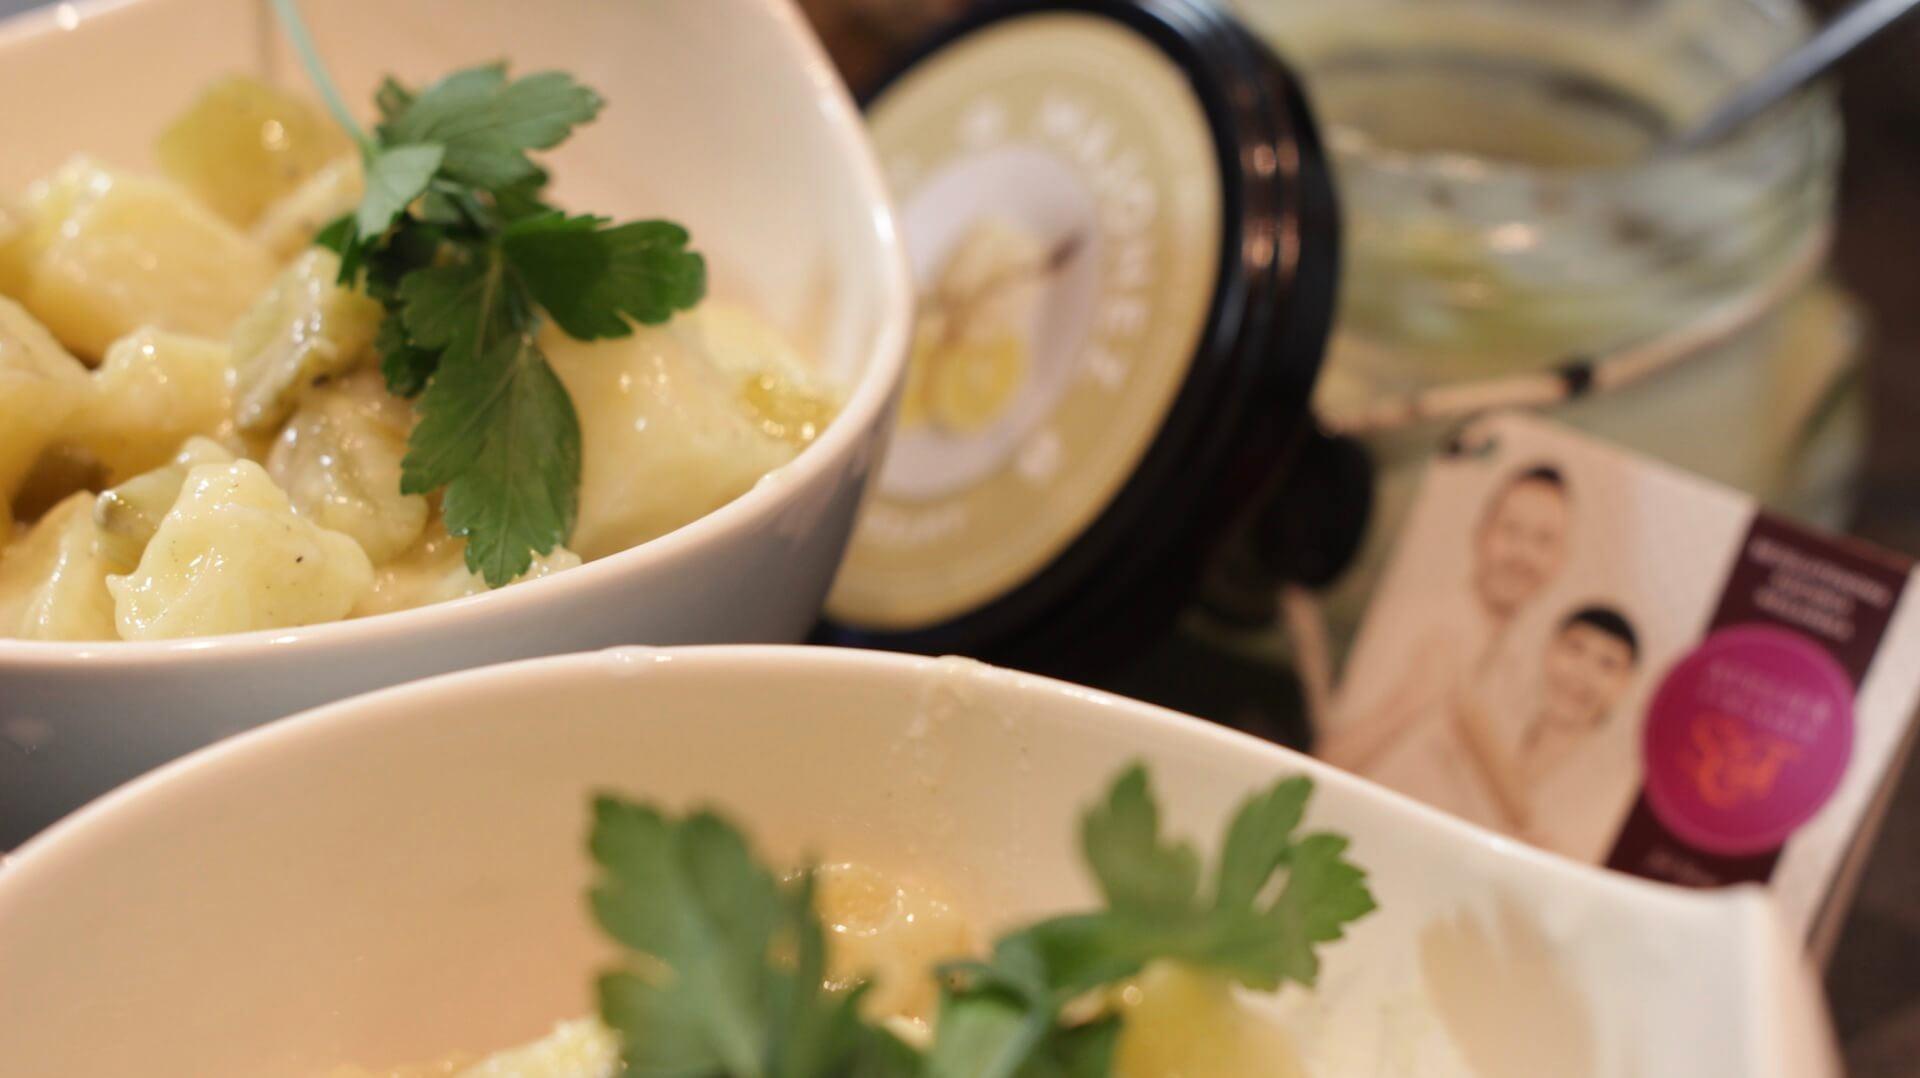 Sałatka ziemniaczana z kiszonym ogórkiem bezglutenowa kuchnia wegańska Atelier Smaku